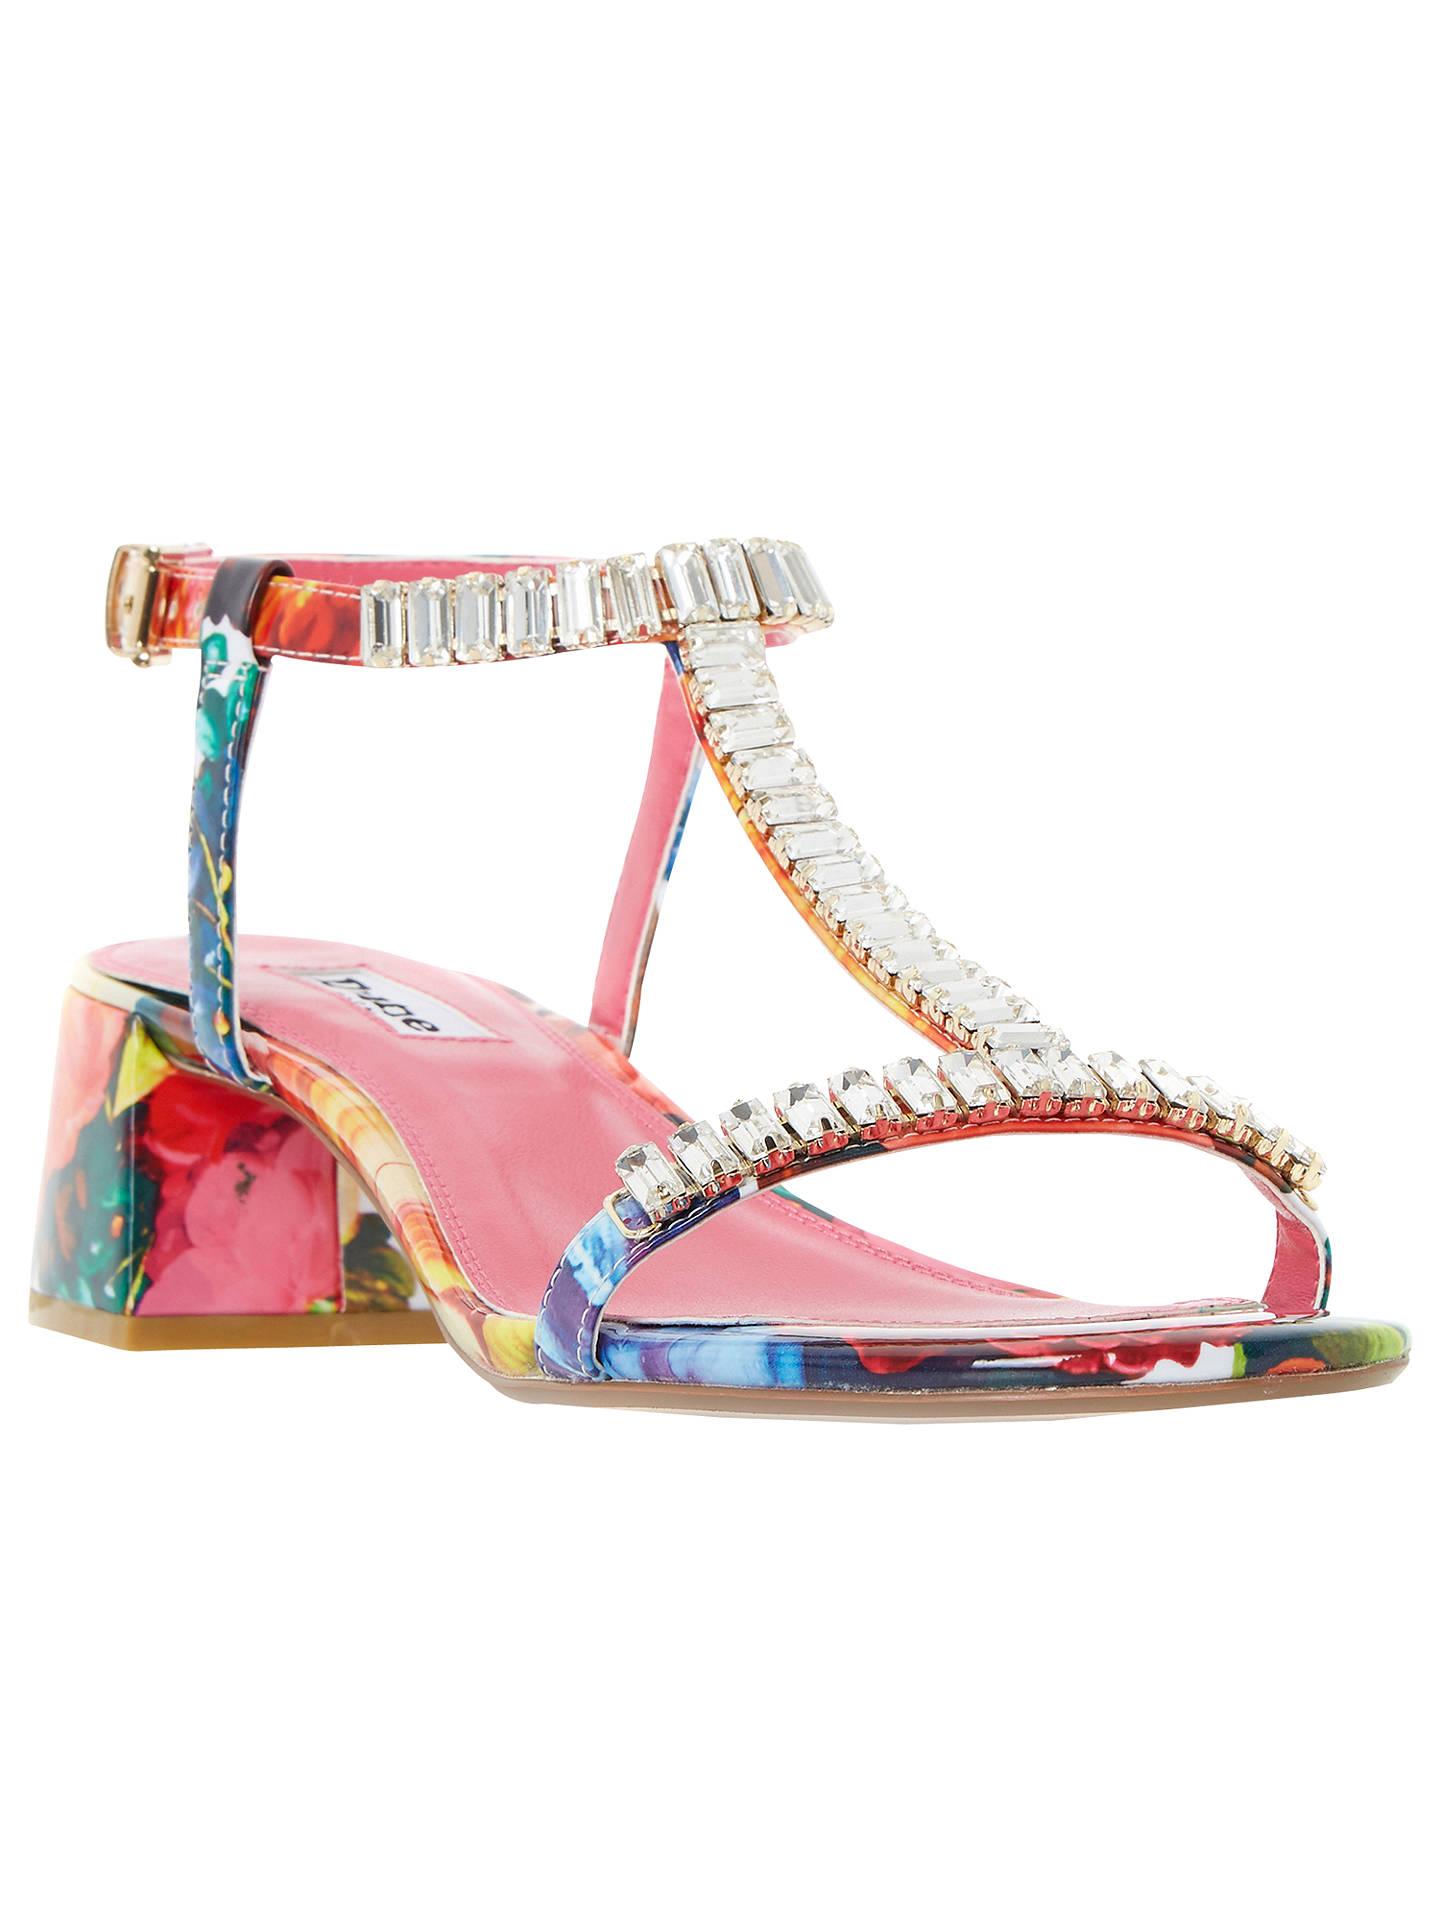 4bd3843974 Buy Dune Malie Embellished Block Heeled Sandals, Multi, 3 Online at  johnlewis.com ...